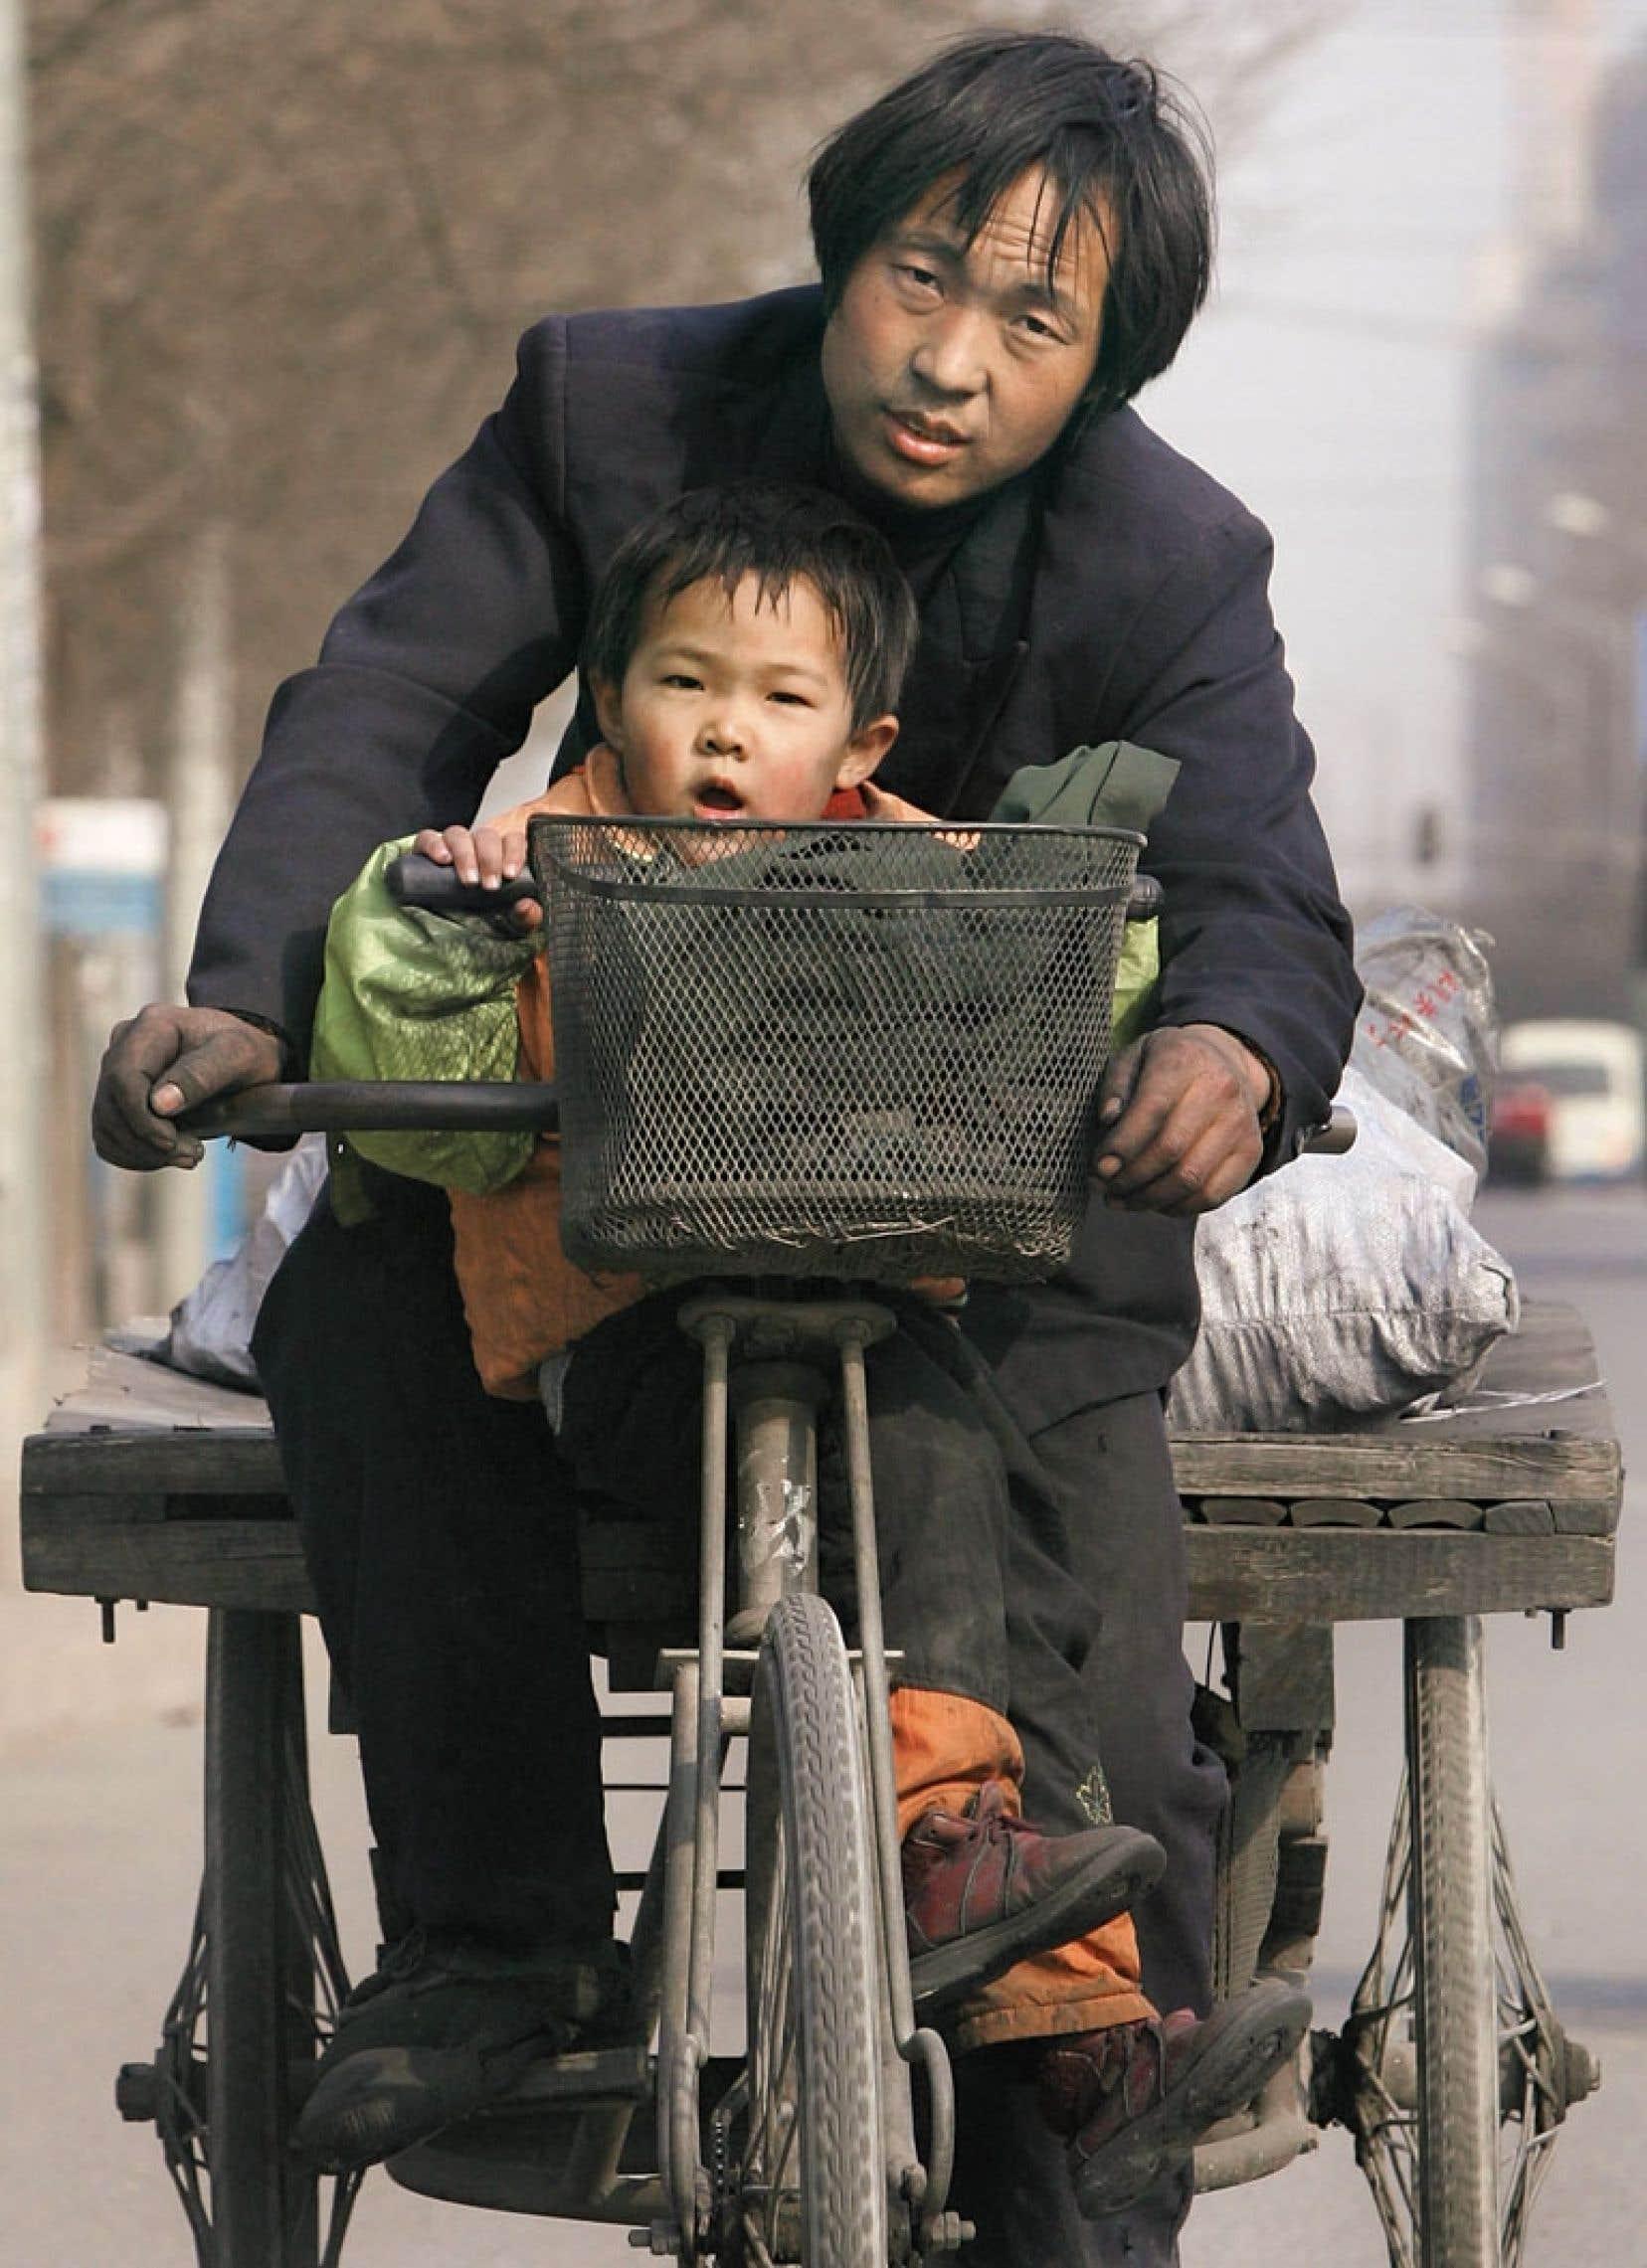 Venu de la campagne en espérant améliorer son sort et celui de sa famille, cet homme parcourt les rues de Pékin sur son tricycle, accompagné de son enfant.